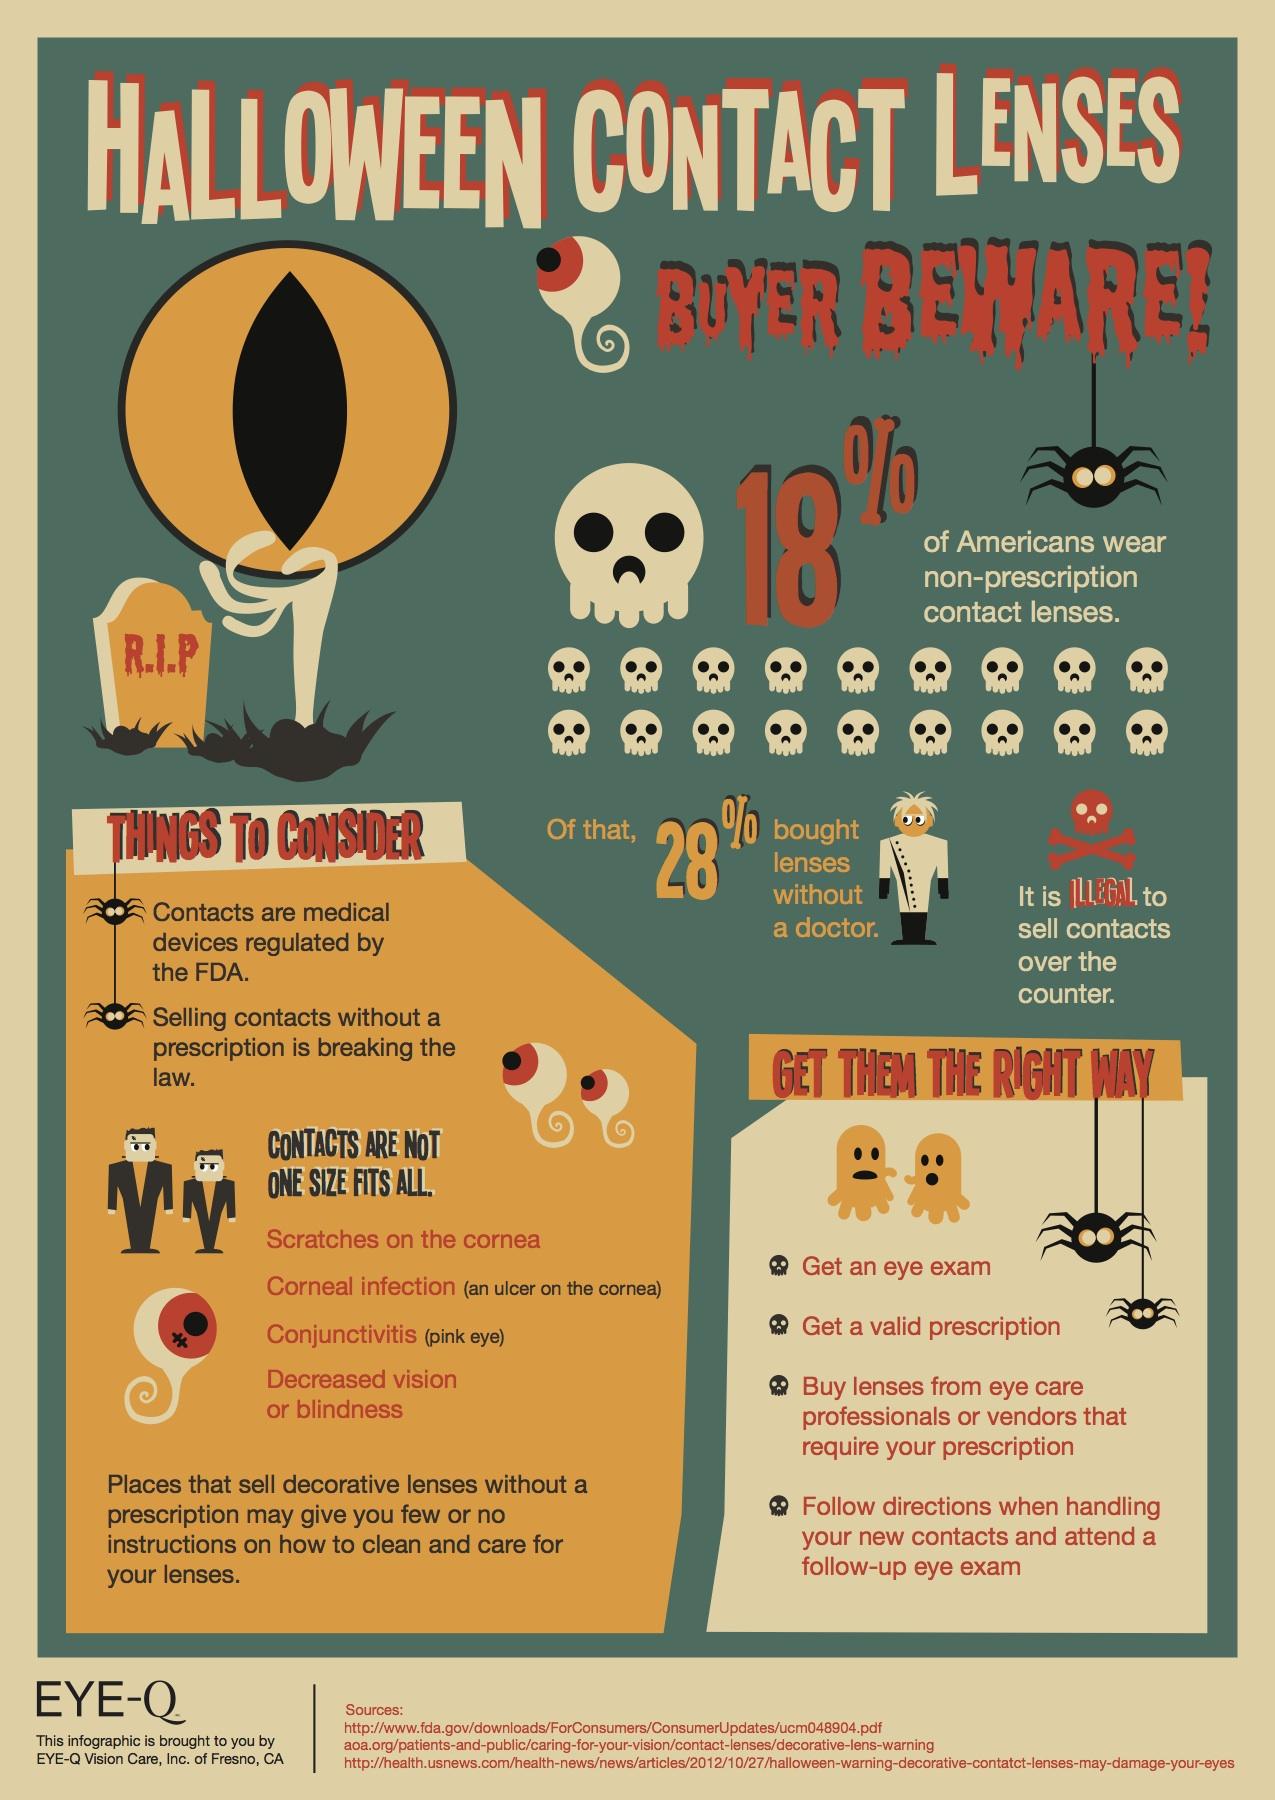 Spooky_Contact_lenses_buyer_beware.jpg